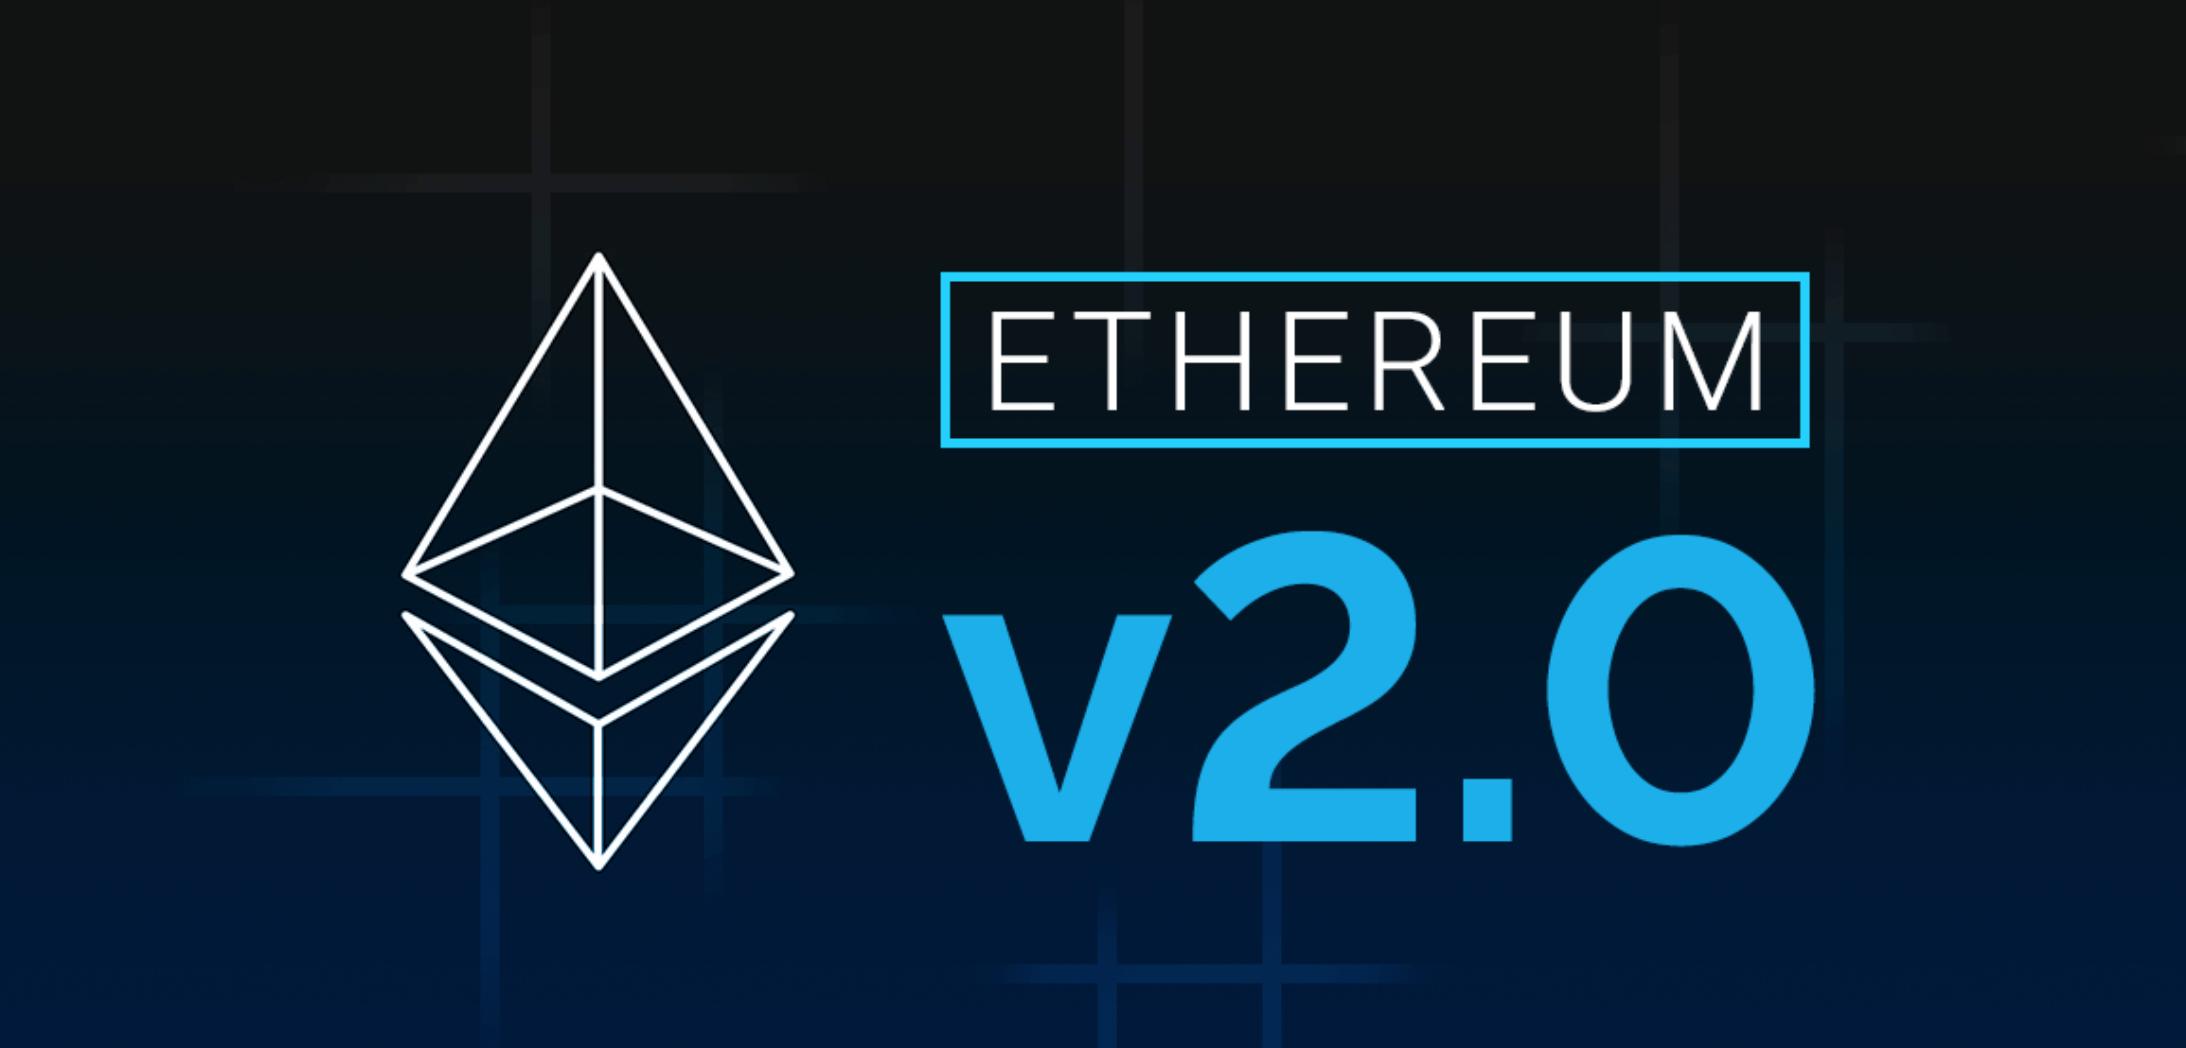 ethereum 2 0